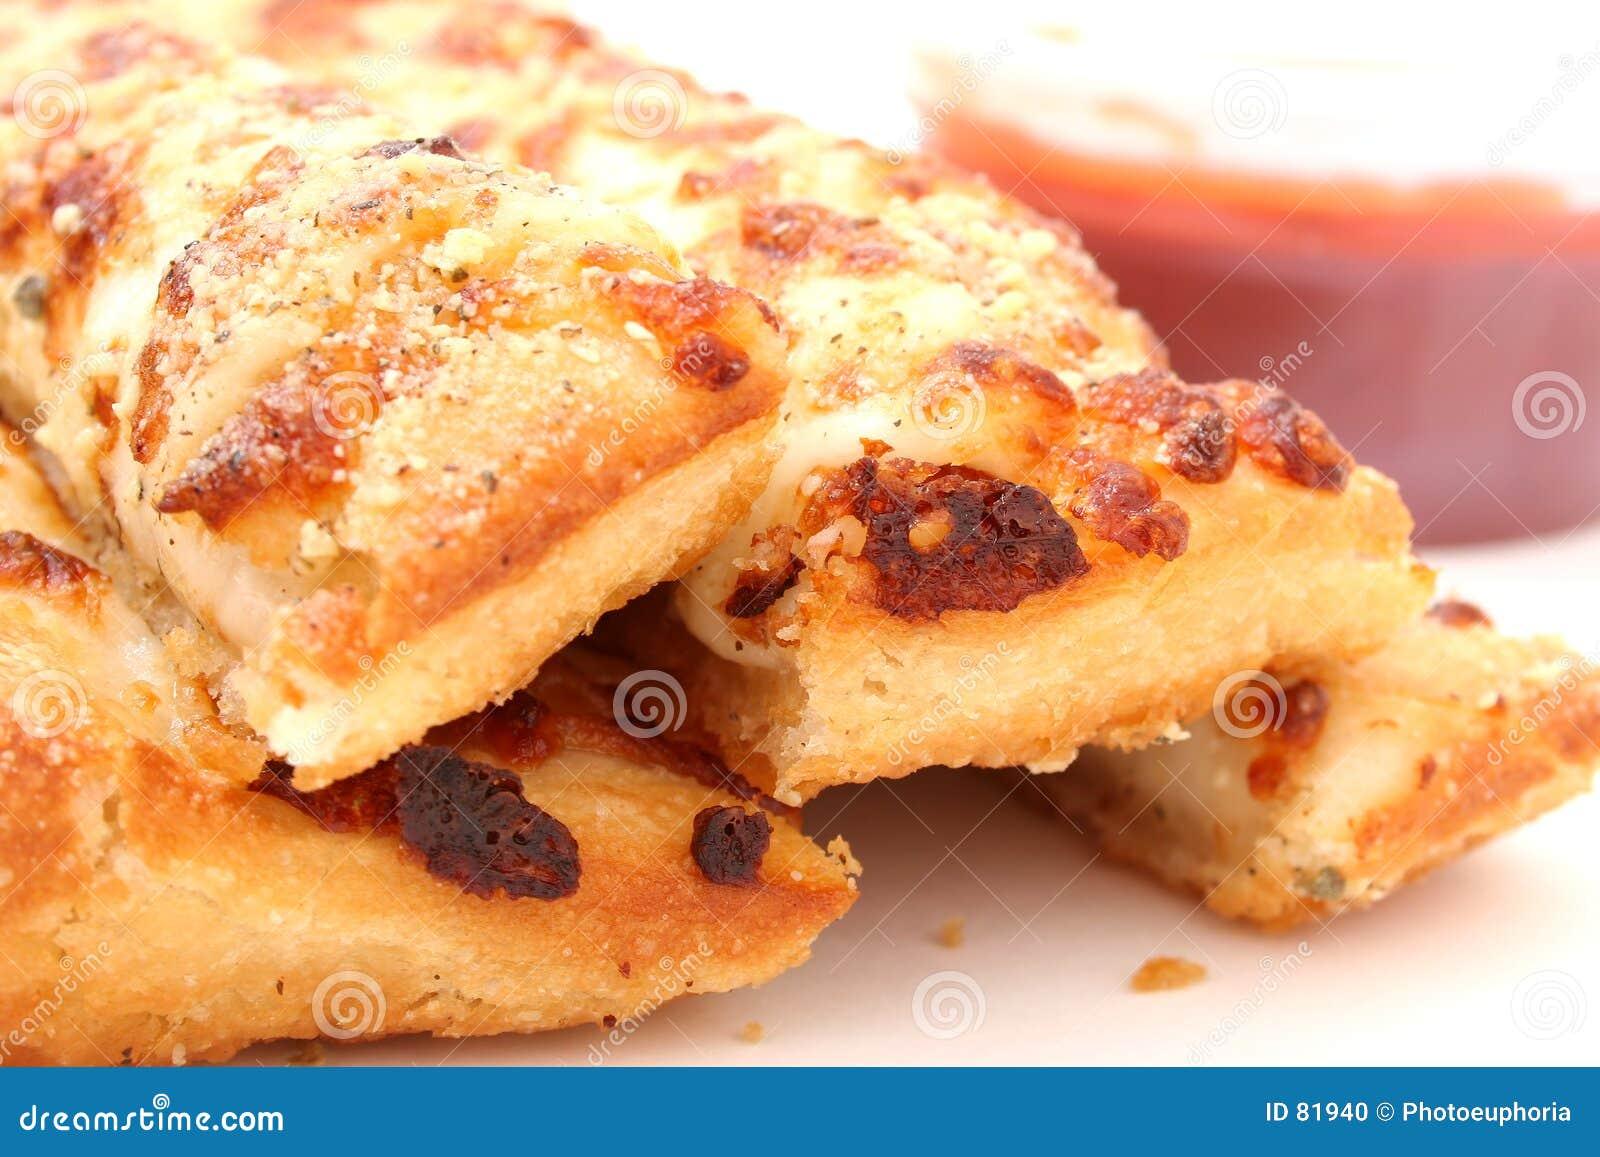 Chleb serowy sos marinara